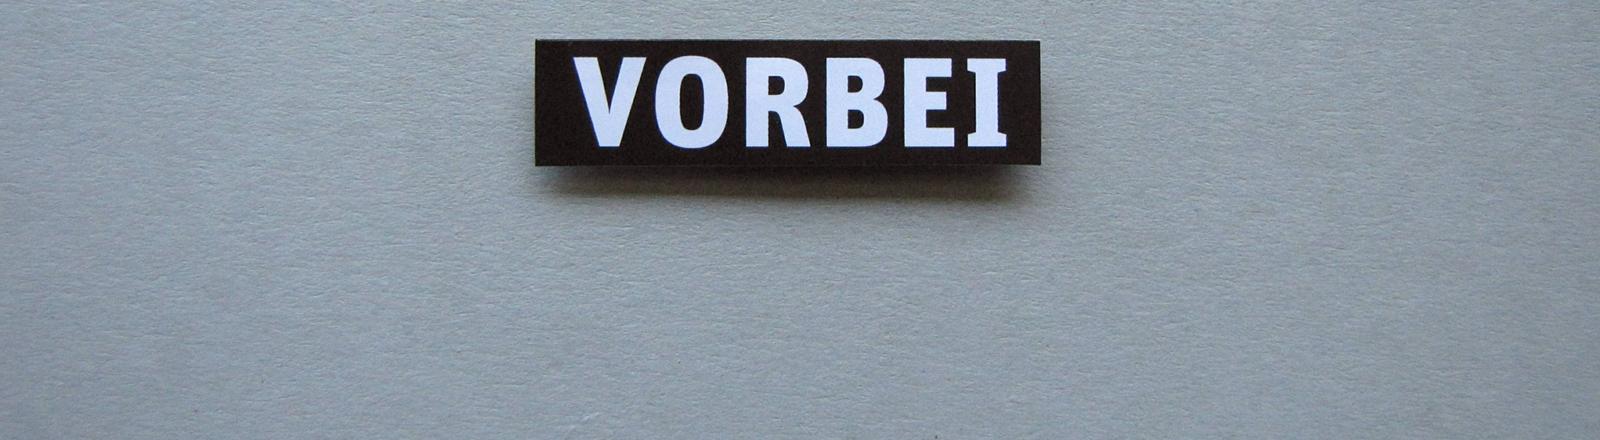 """Graue Wand, an der ein Schild hängt, auf dem """"vorbei"""" steht."""